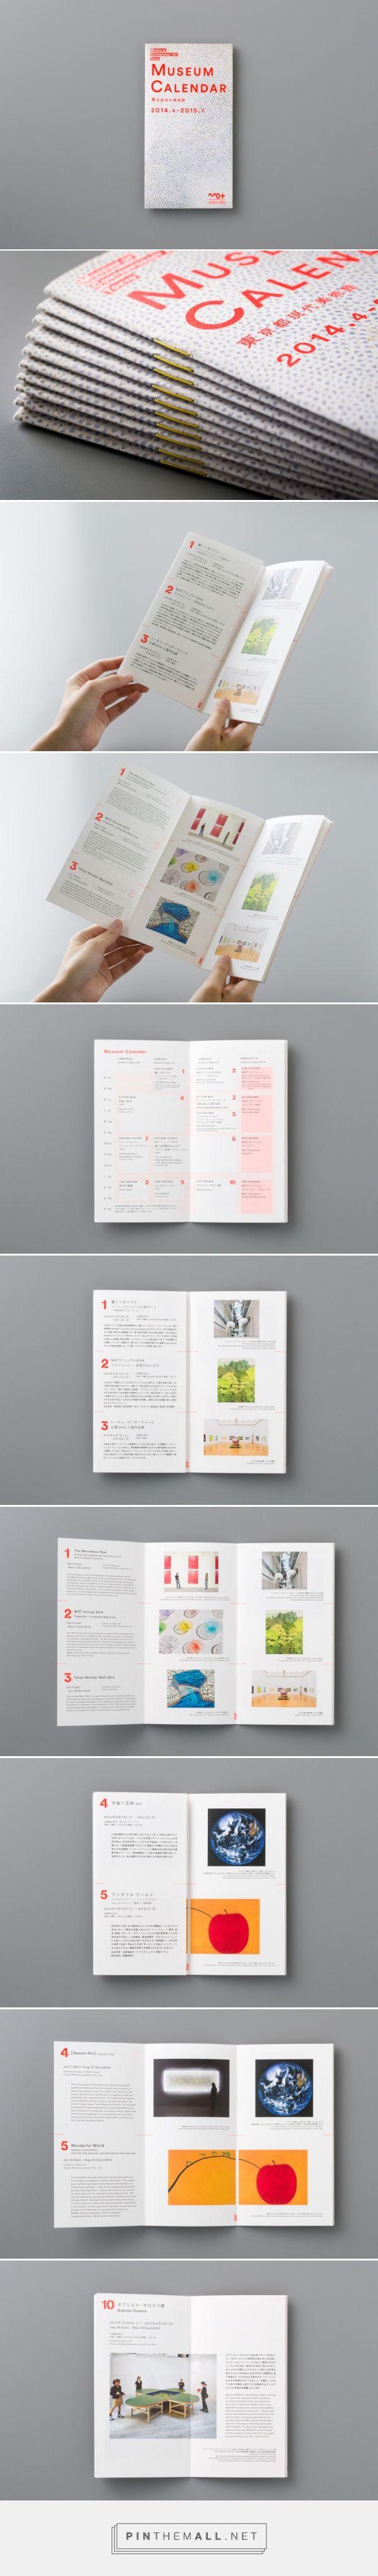 Museum of Contemporary Art Tokyo   Museum Calendar by UMA / design farm